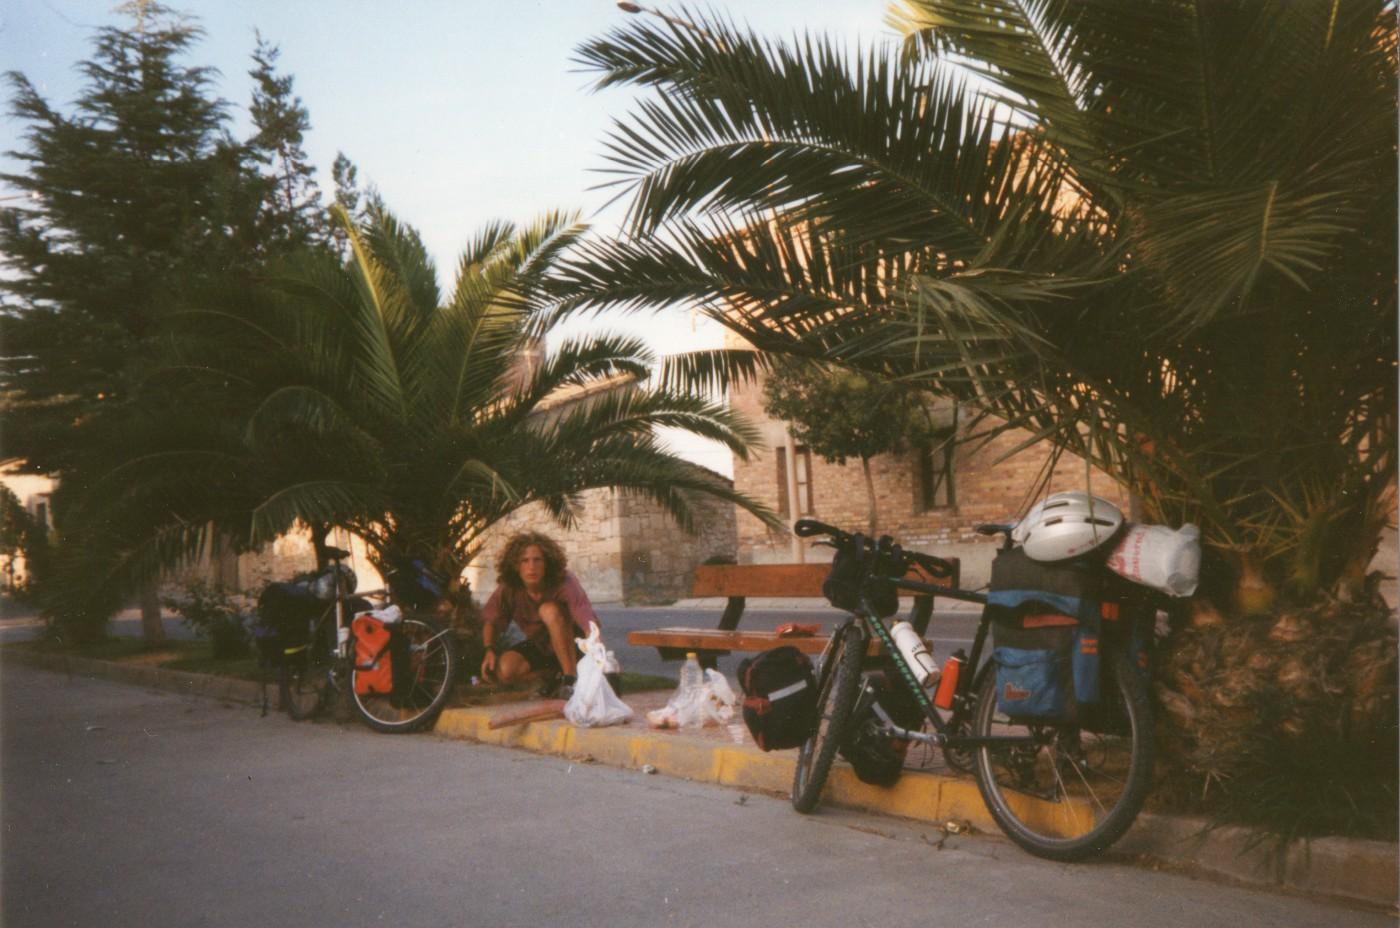 Genau hier haben wir uns das letzte Mal gewaschen - Portugal 1993